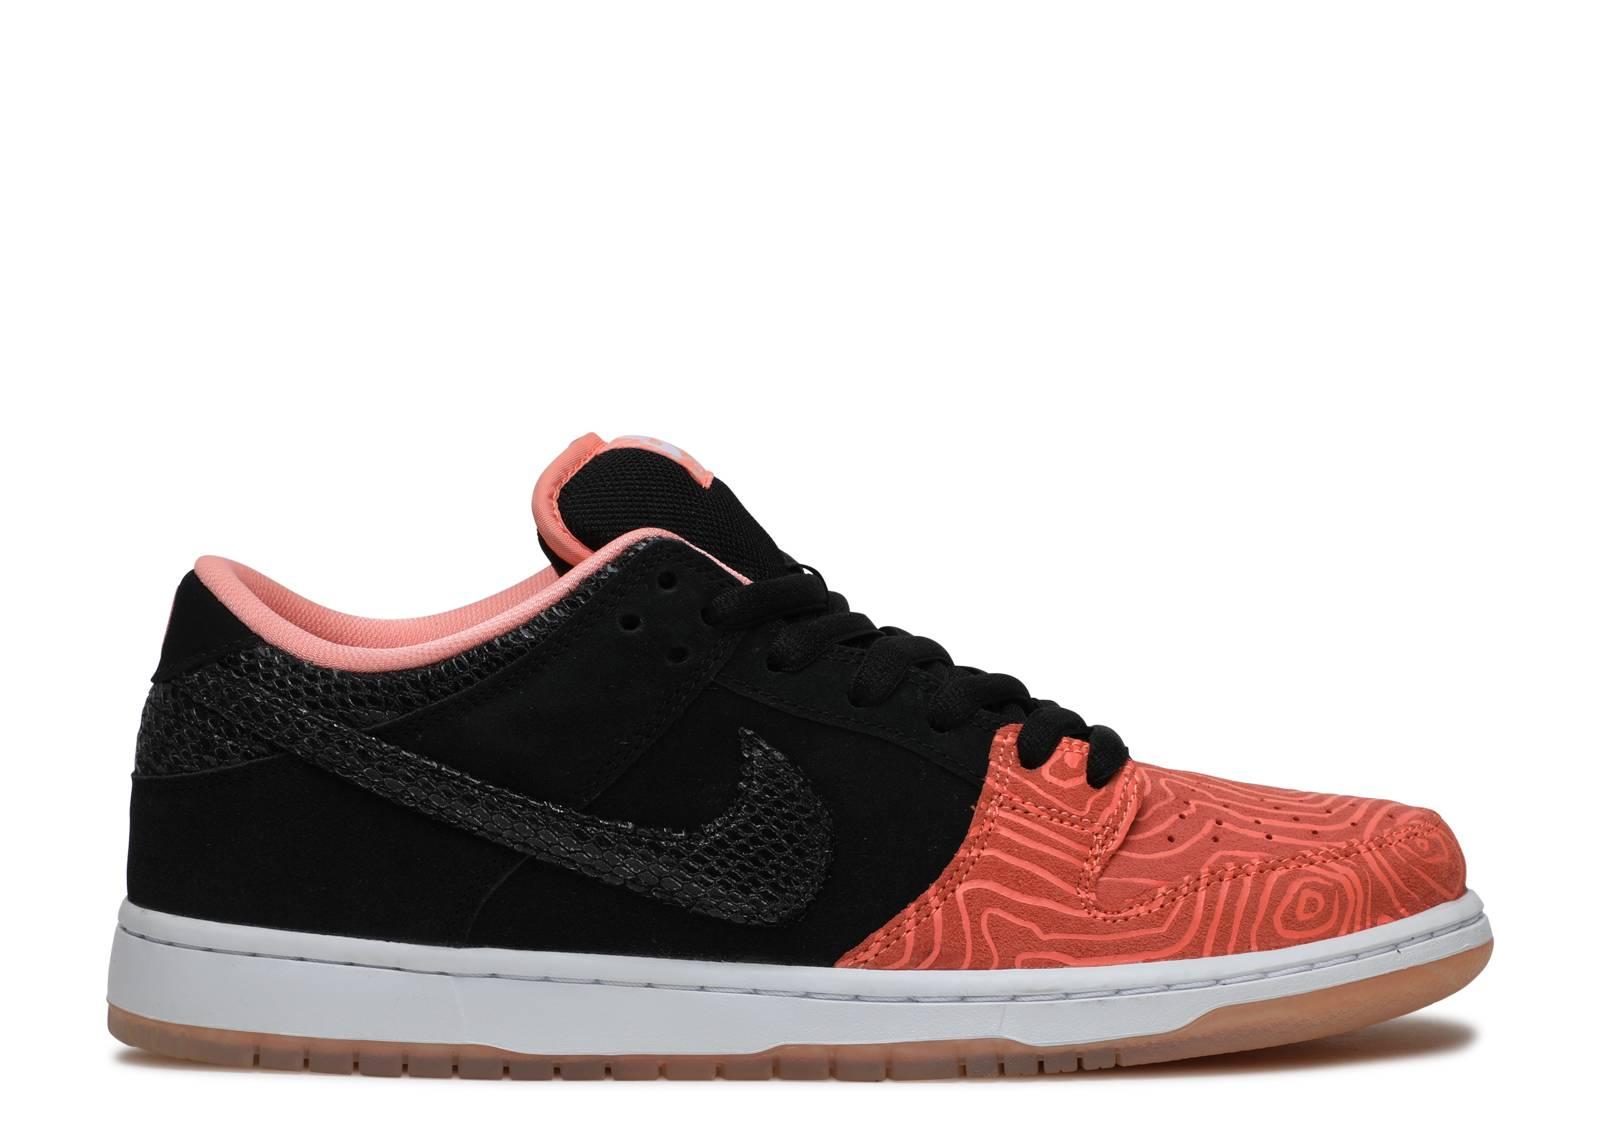 Nike Sb Pink Box Dunk Low